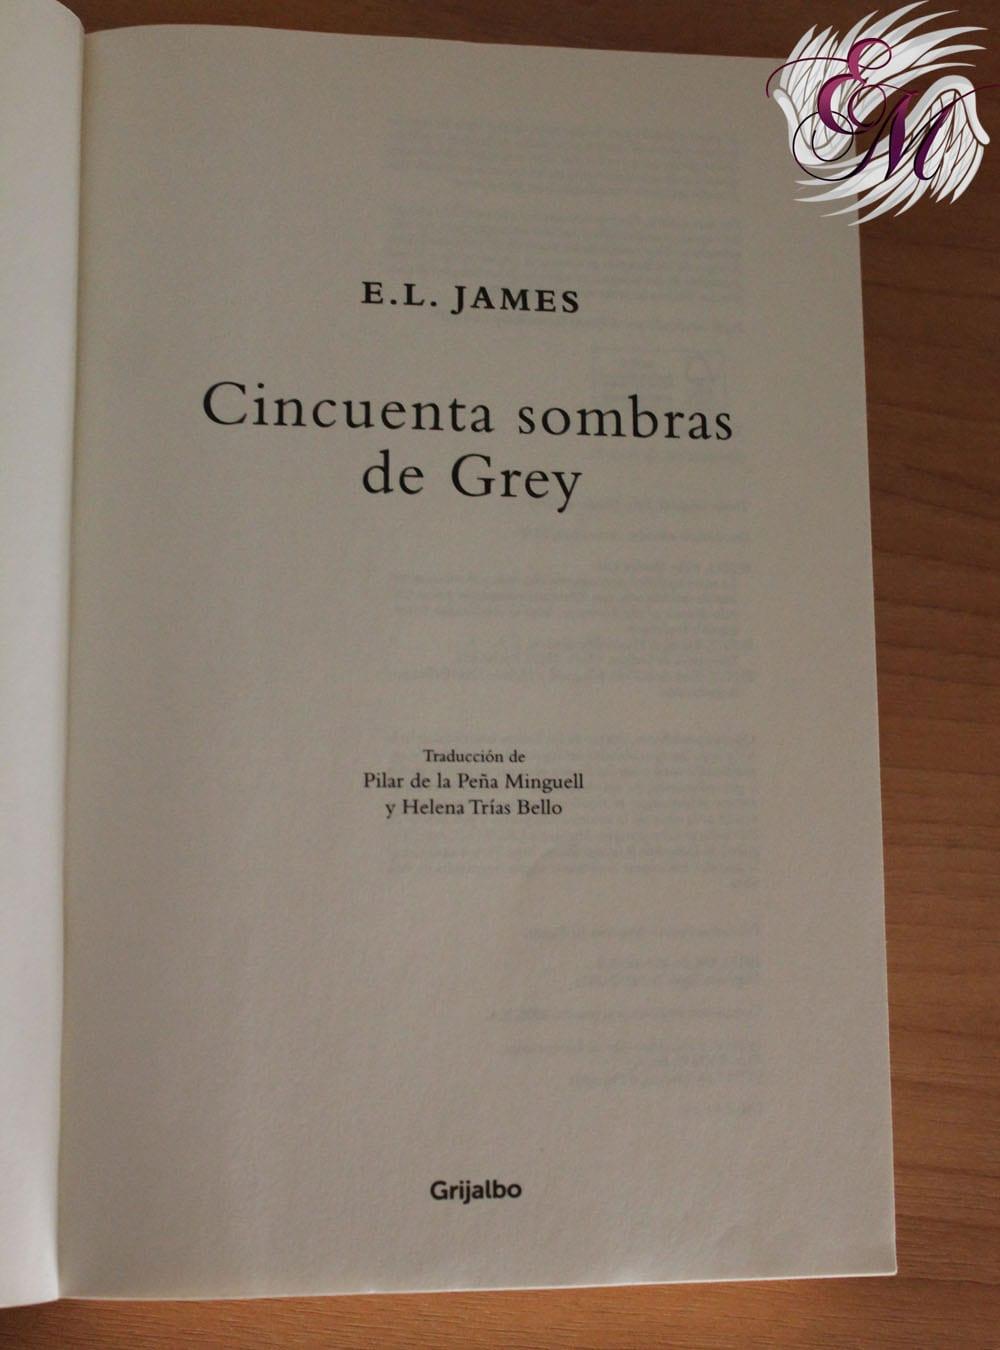 🥇 Cincuenta sombras de Grey (libro), E.L.James - ¡Reseña!